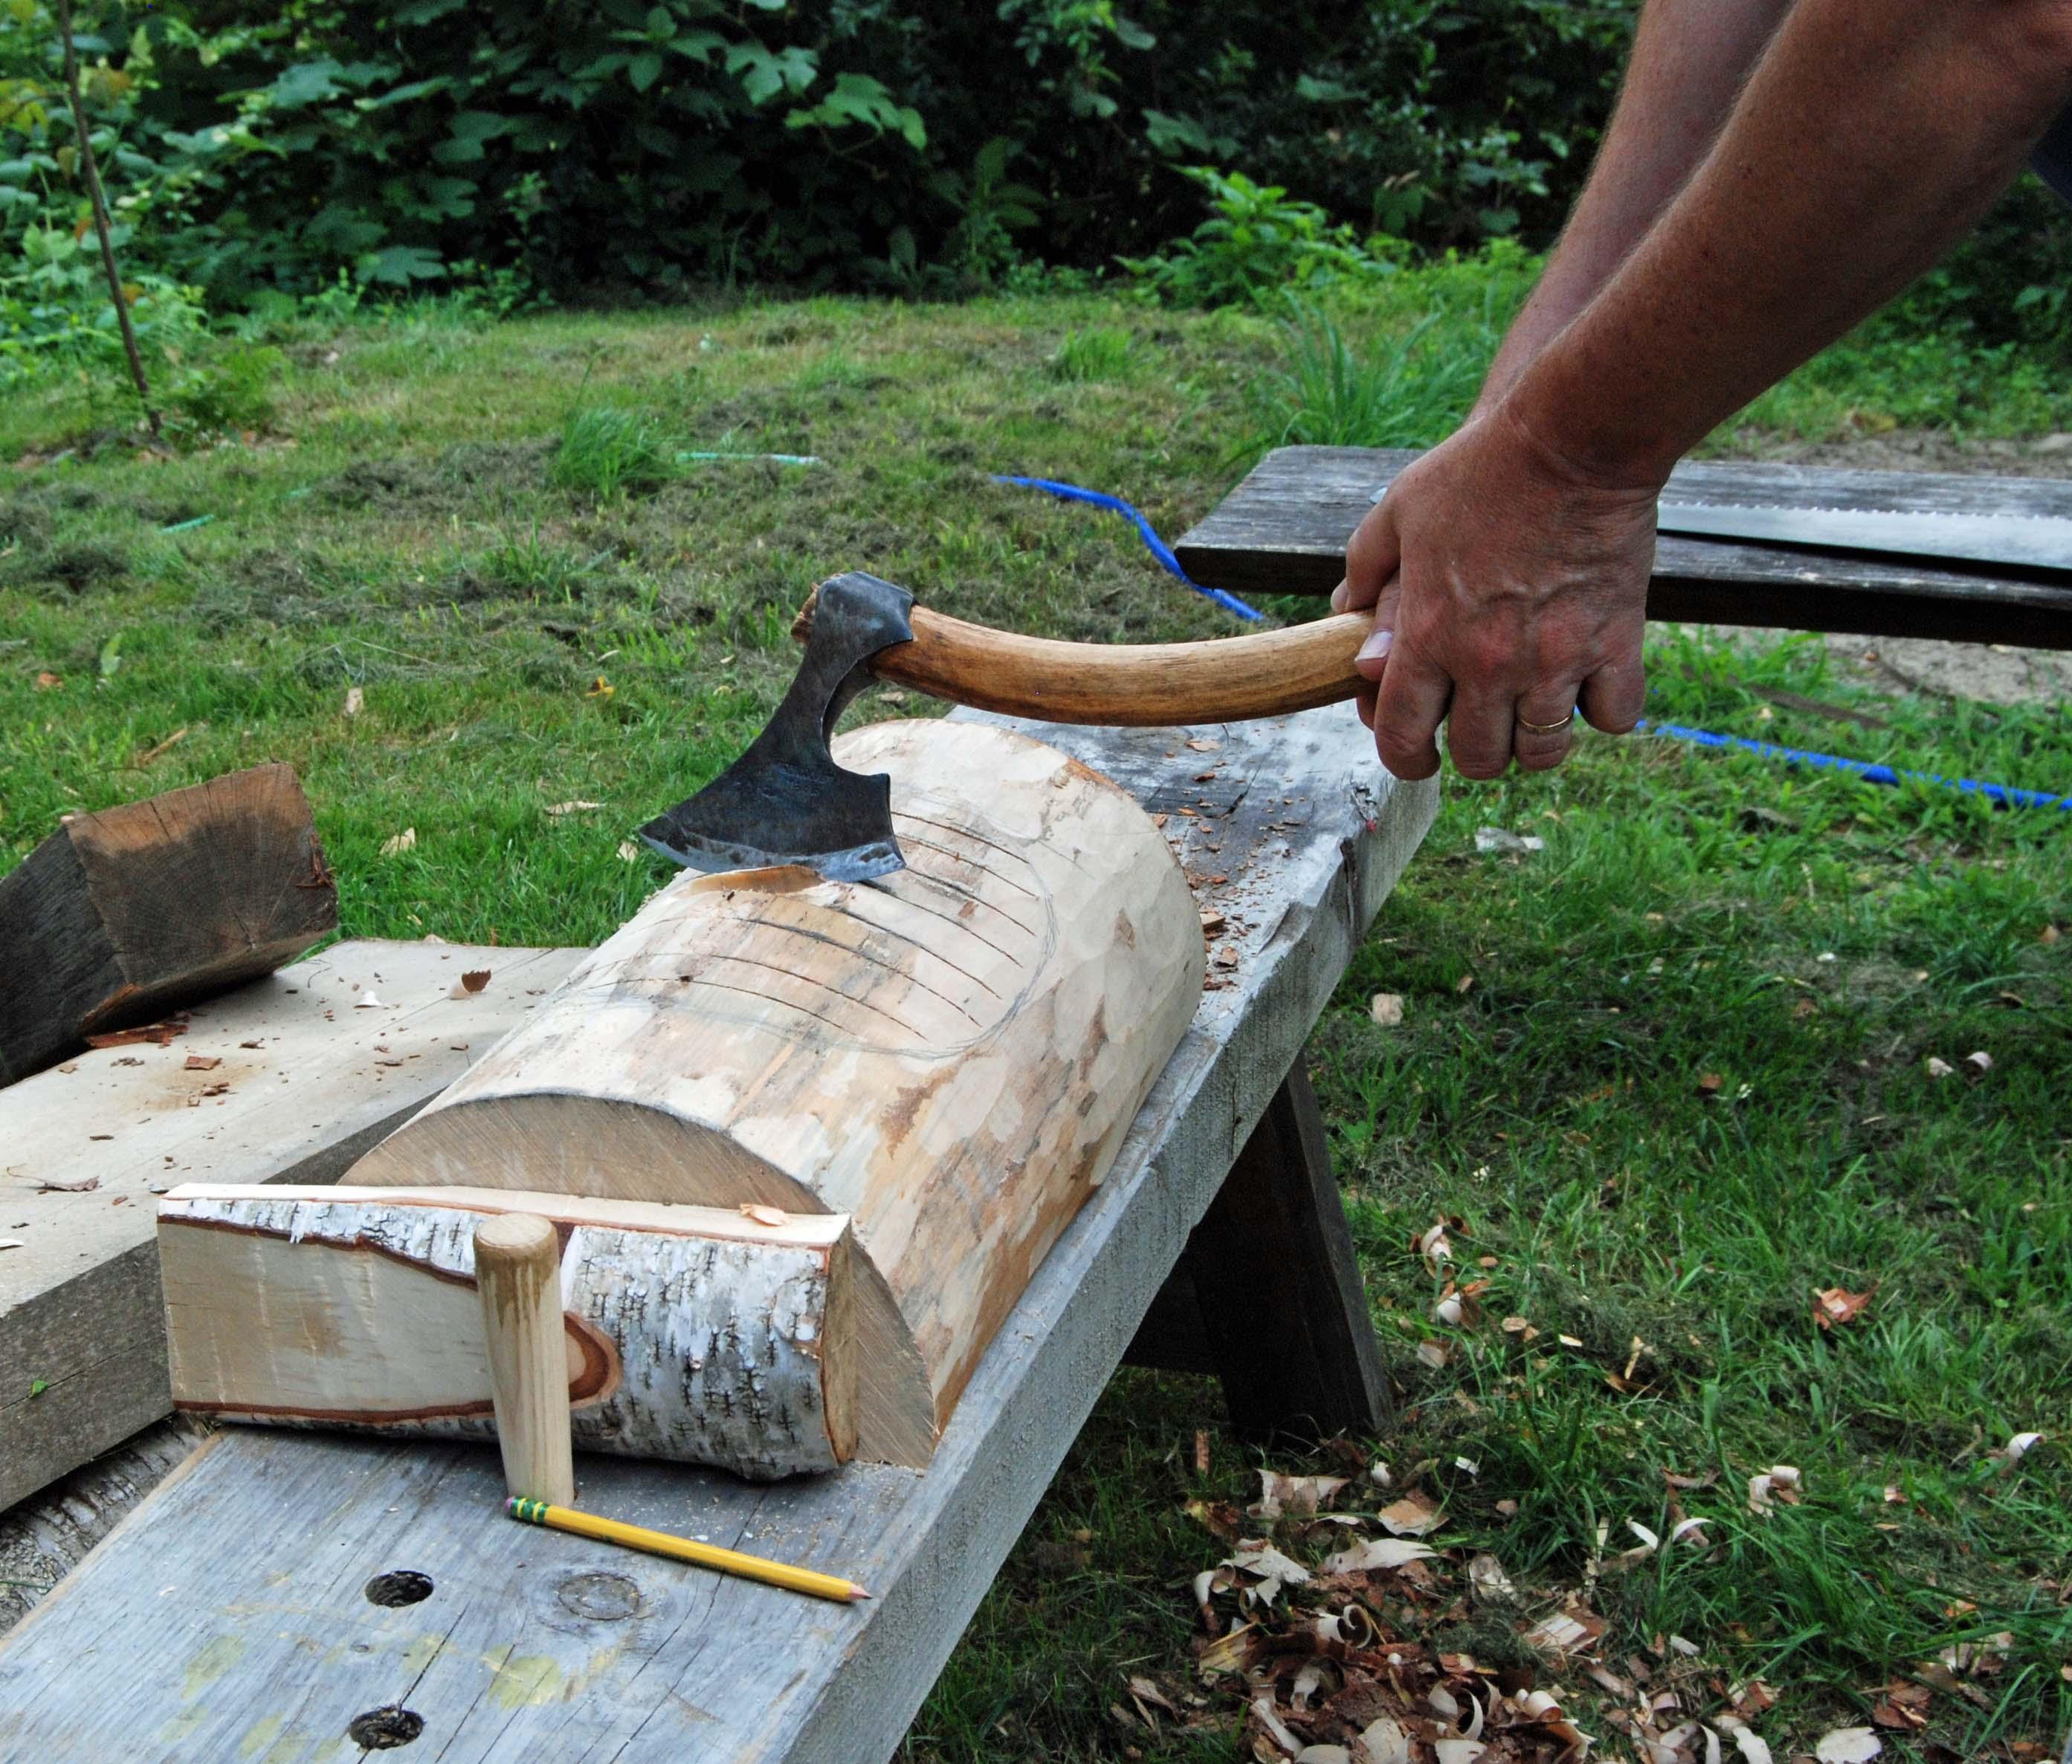 axe work inside